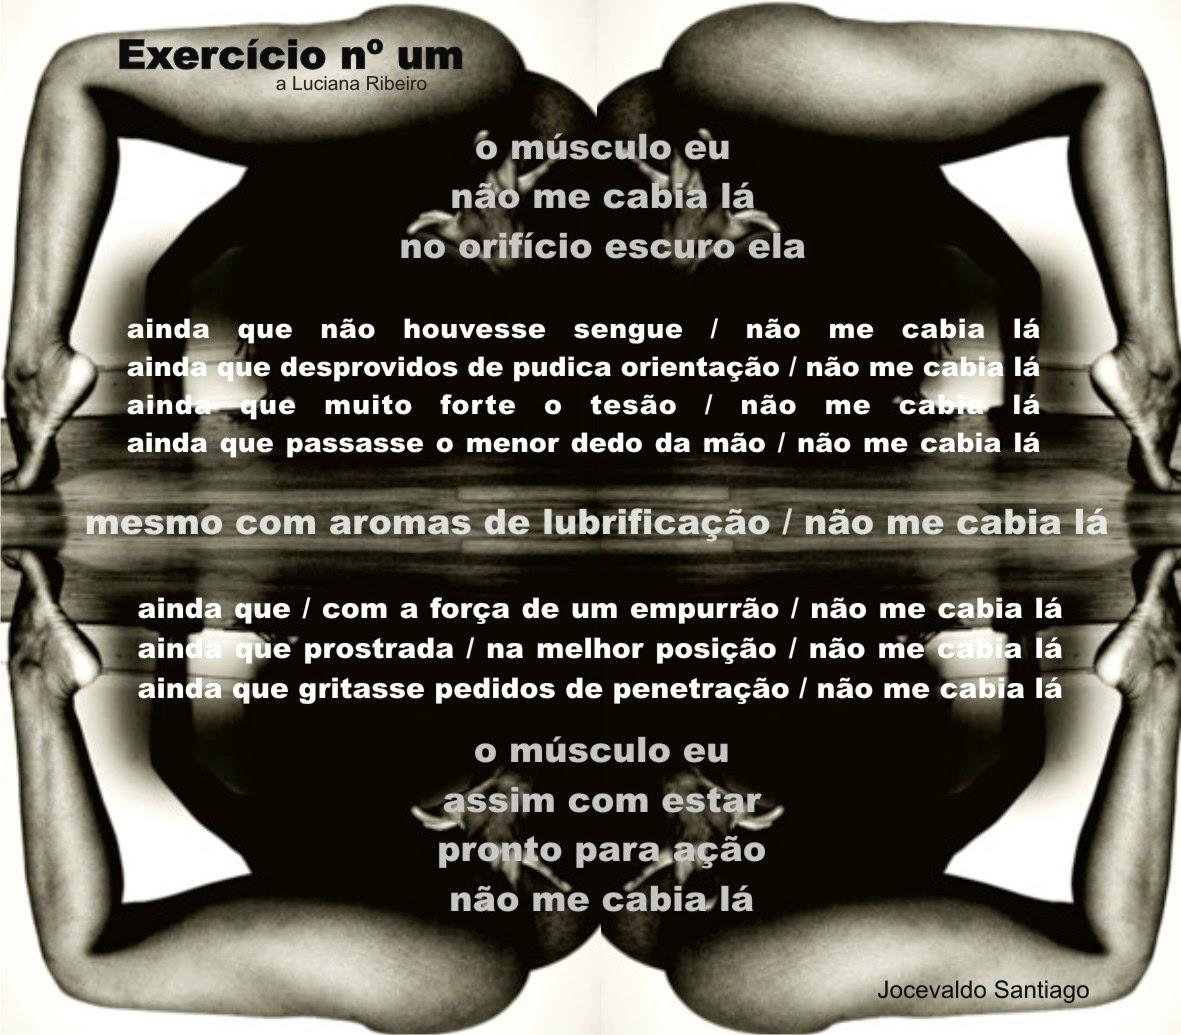 Exercício nº um